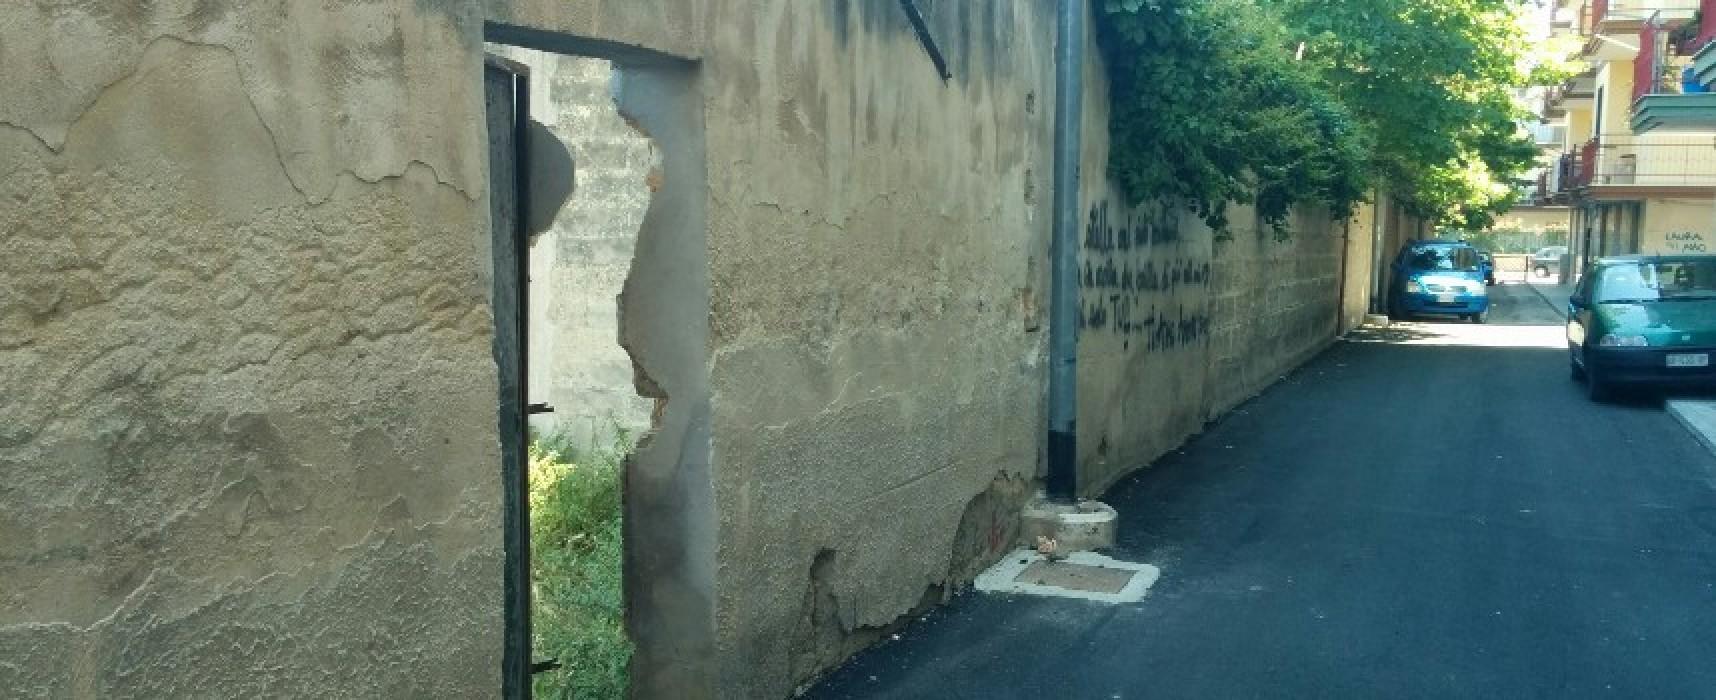 """Vandali in azione, scardinata una porta d'accesso del """"Di Liddo"""""""